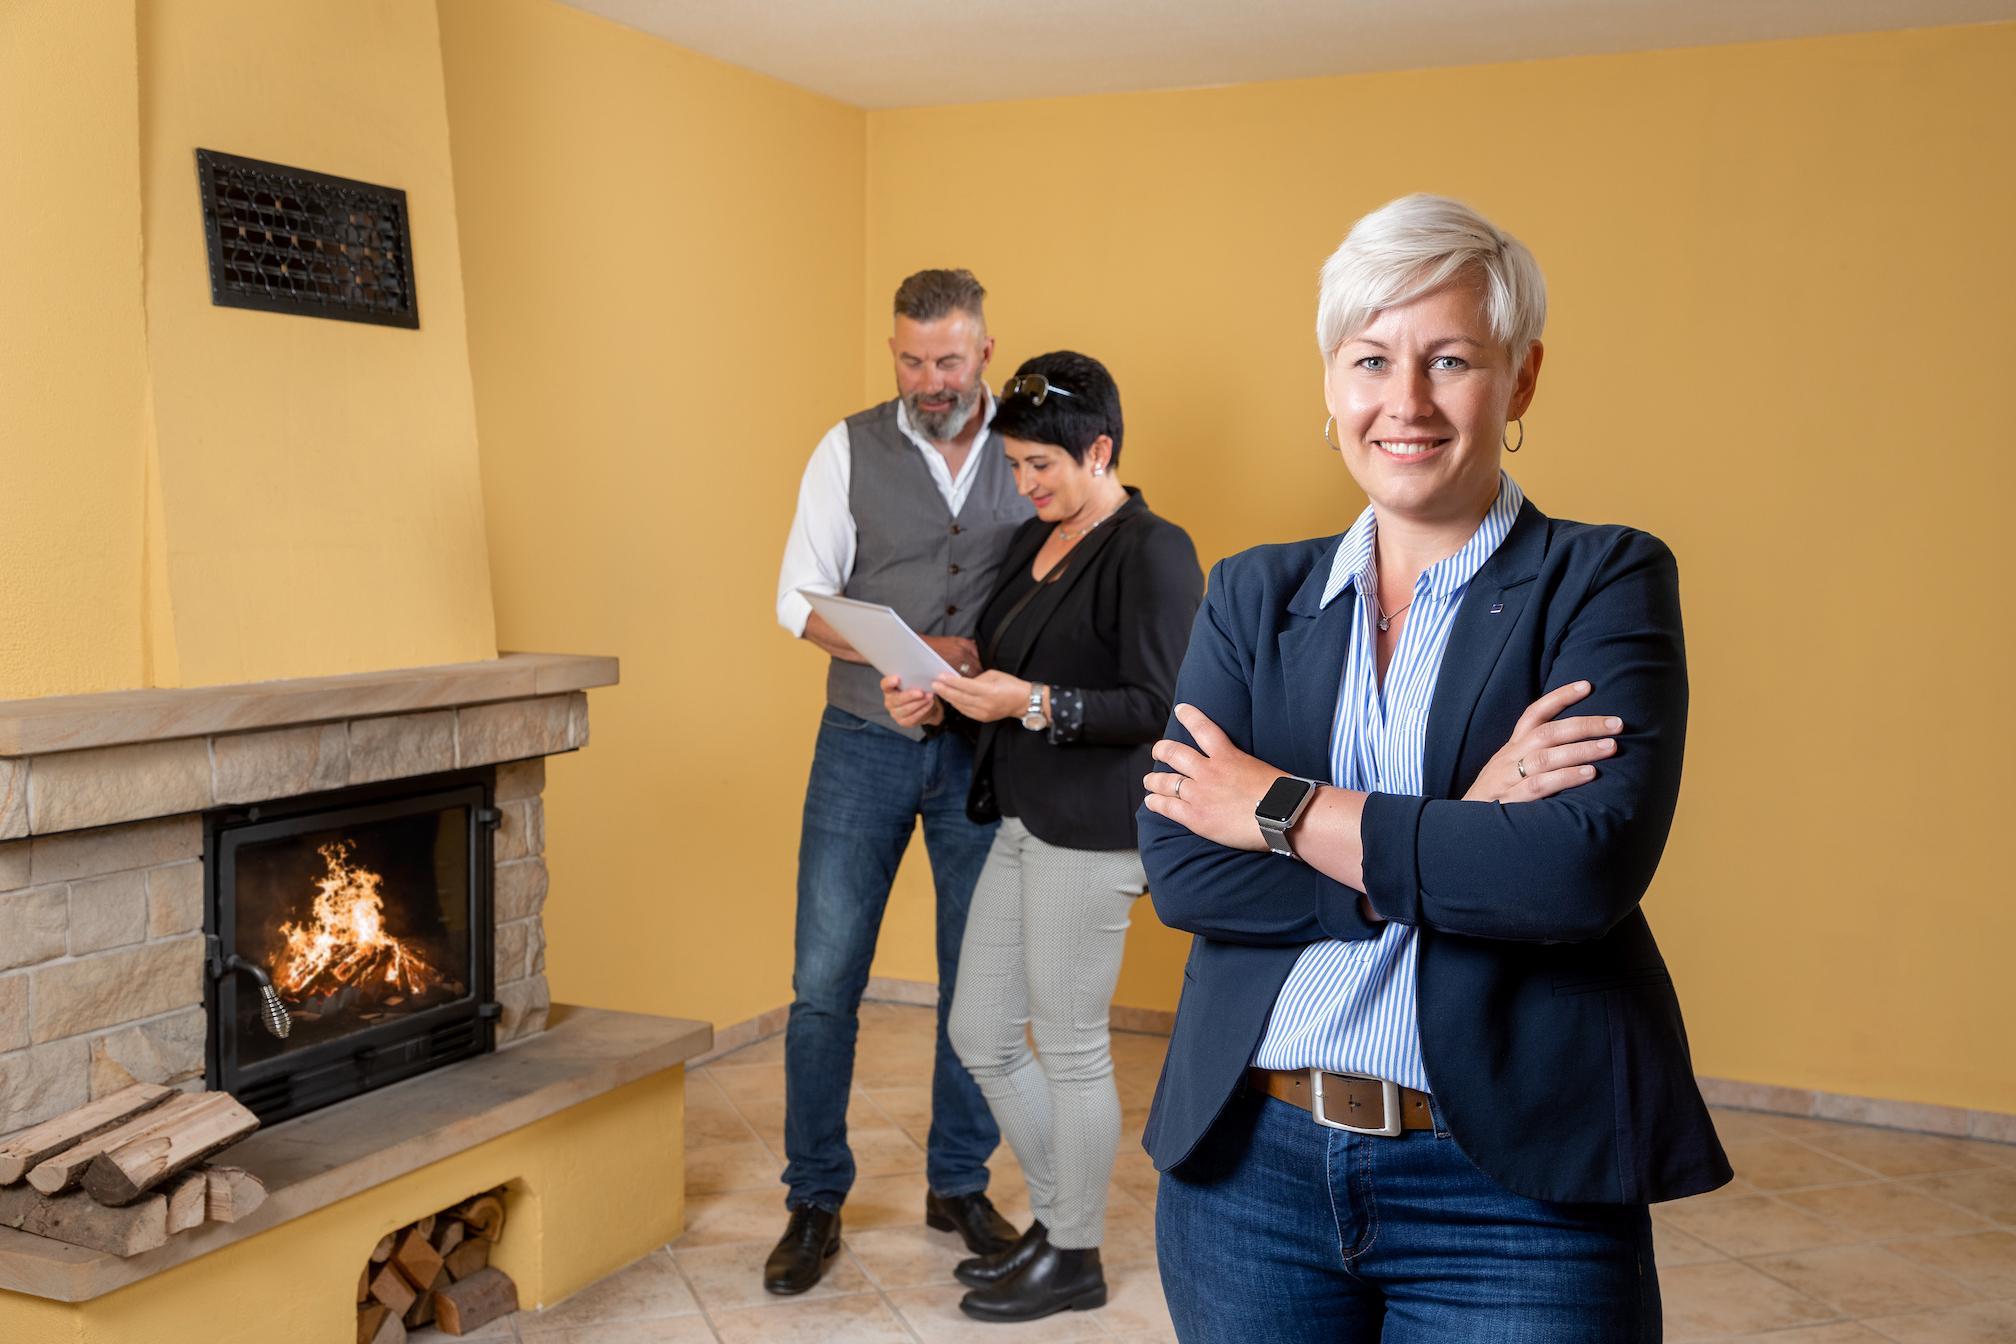 Besichtigung einer Immobilie mit Interessenten